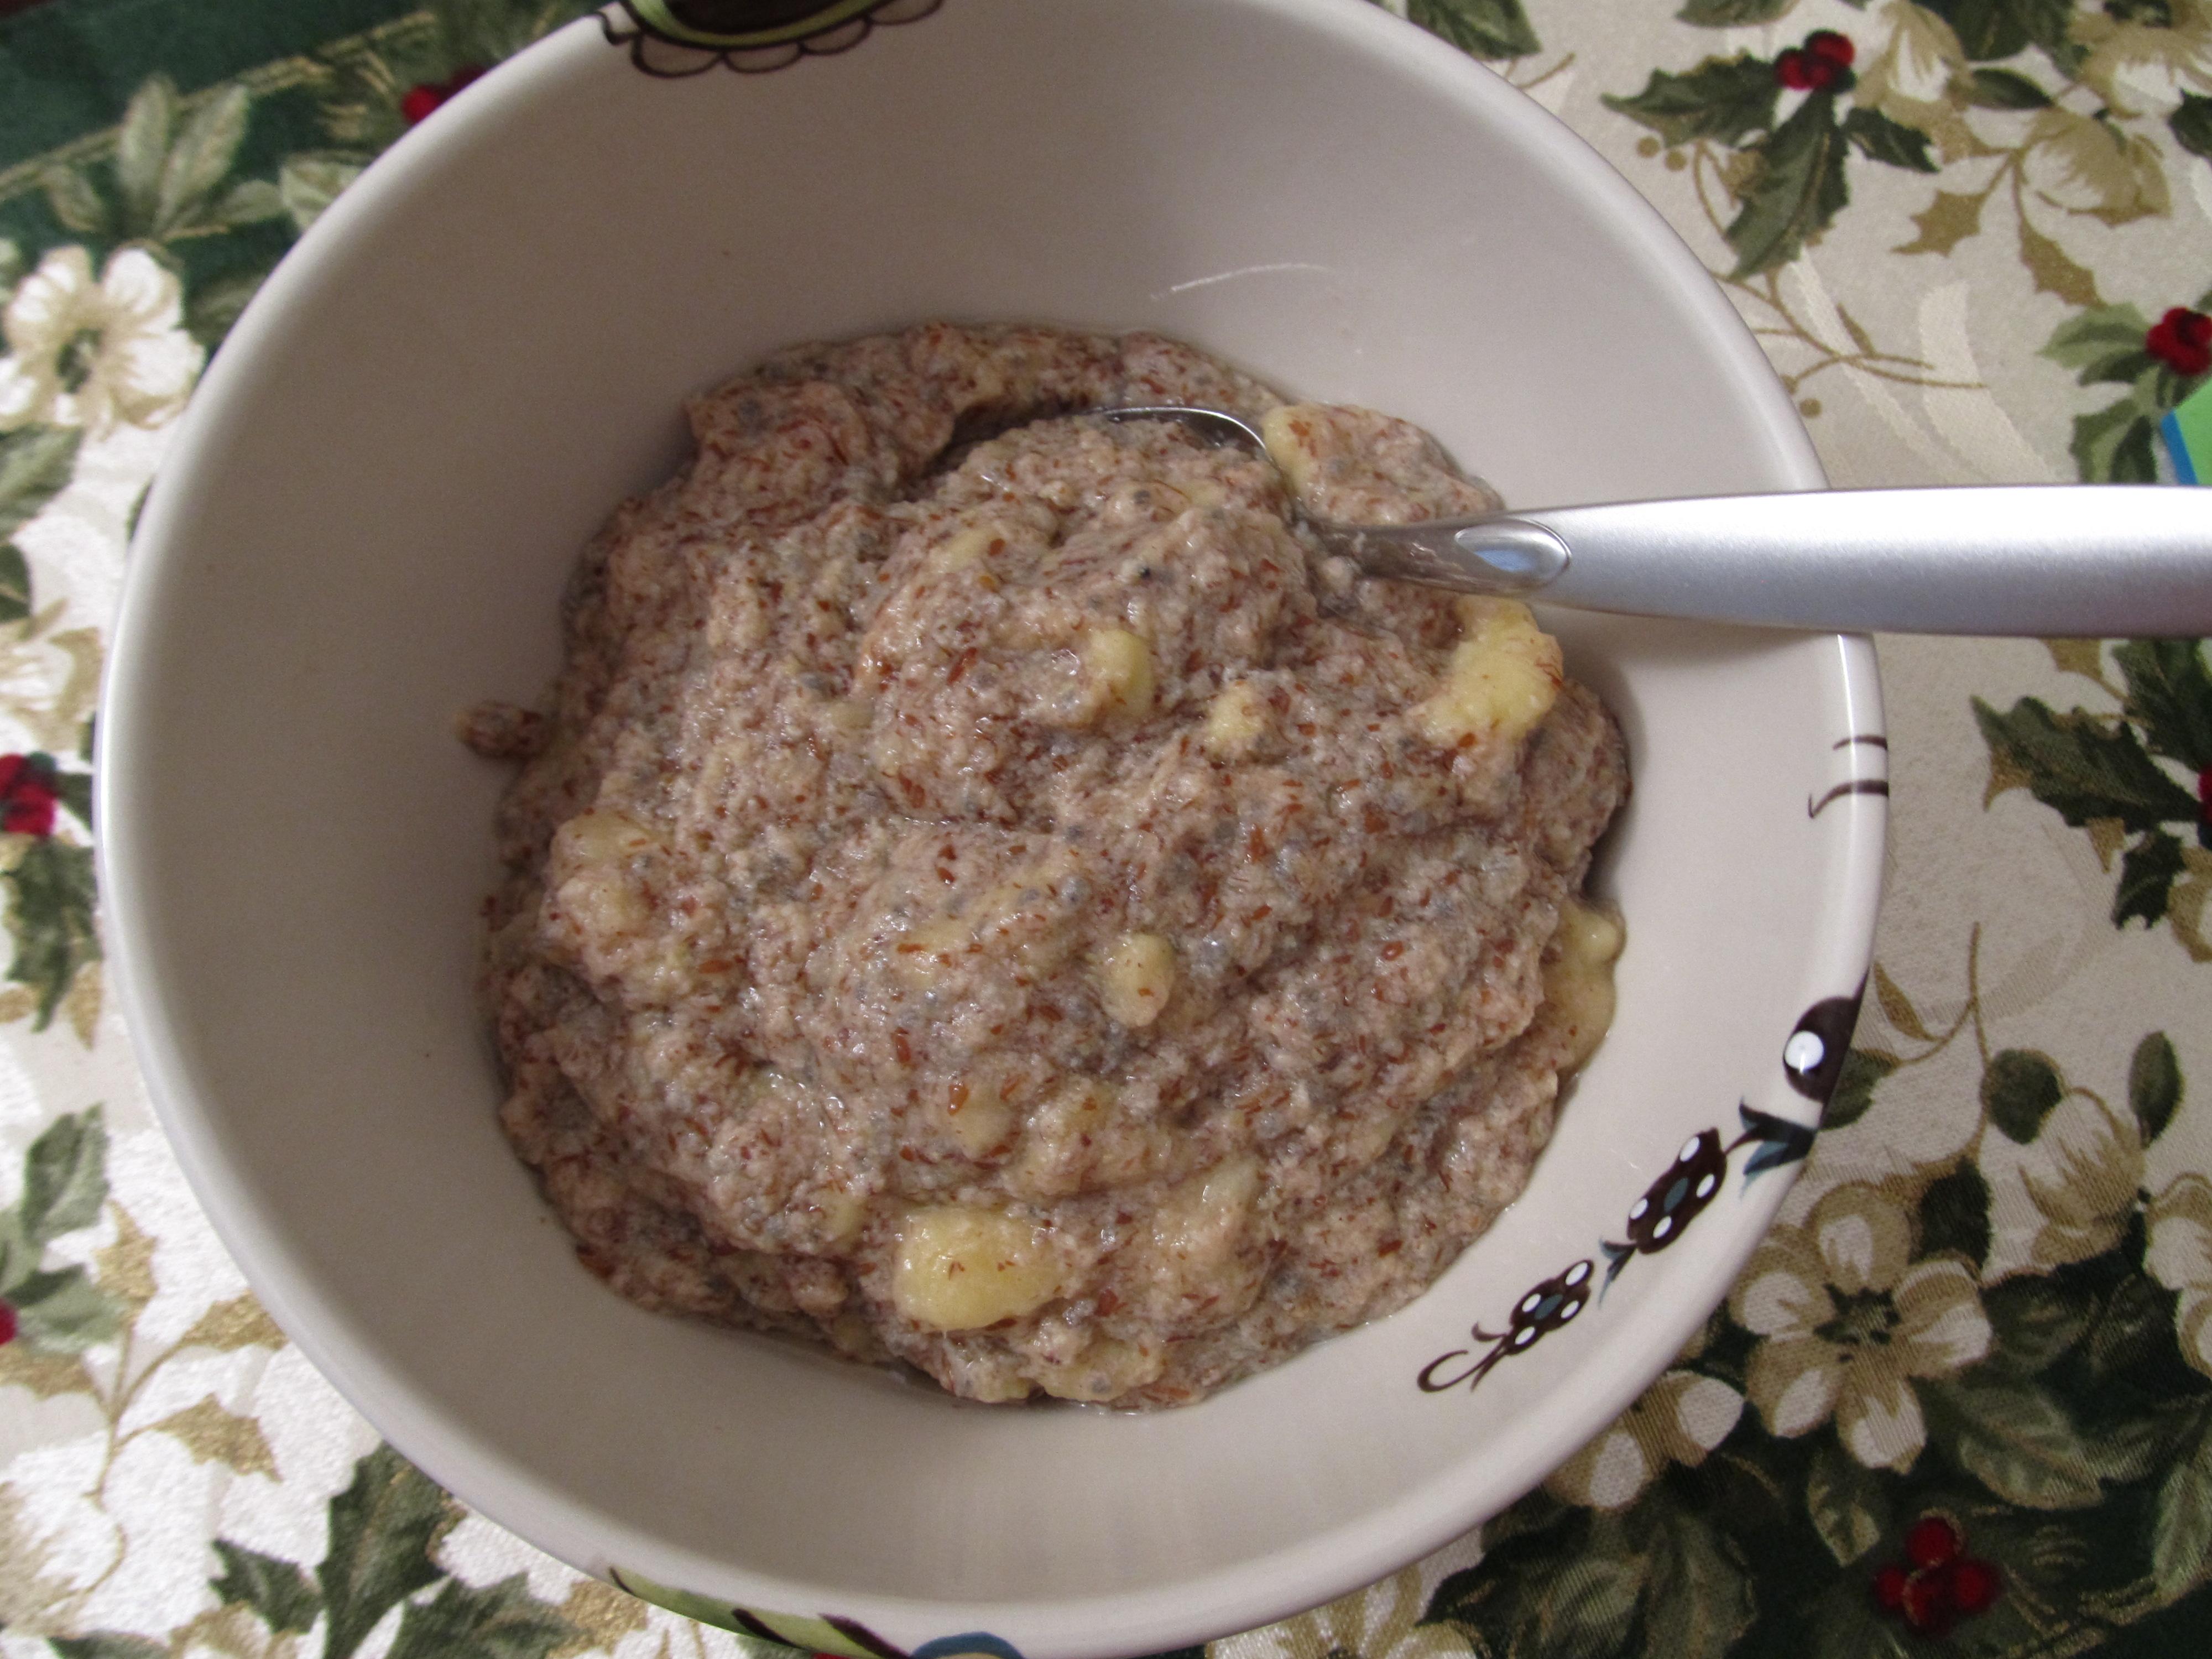 12:10-breakfast-oatless-oatmeal